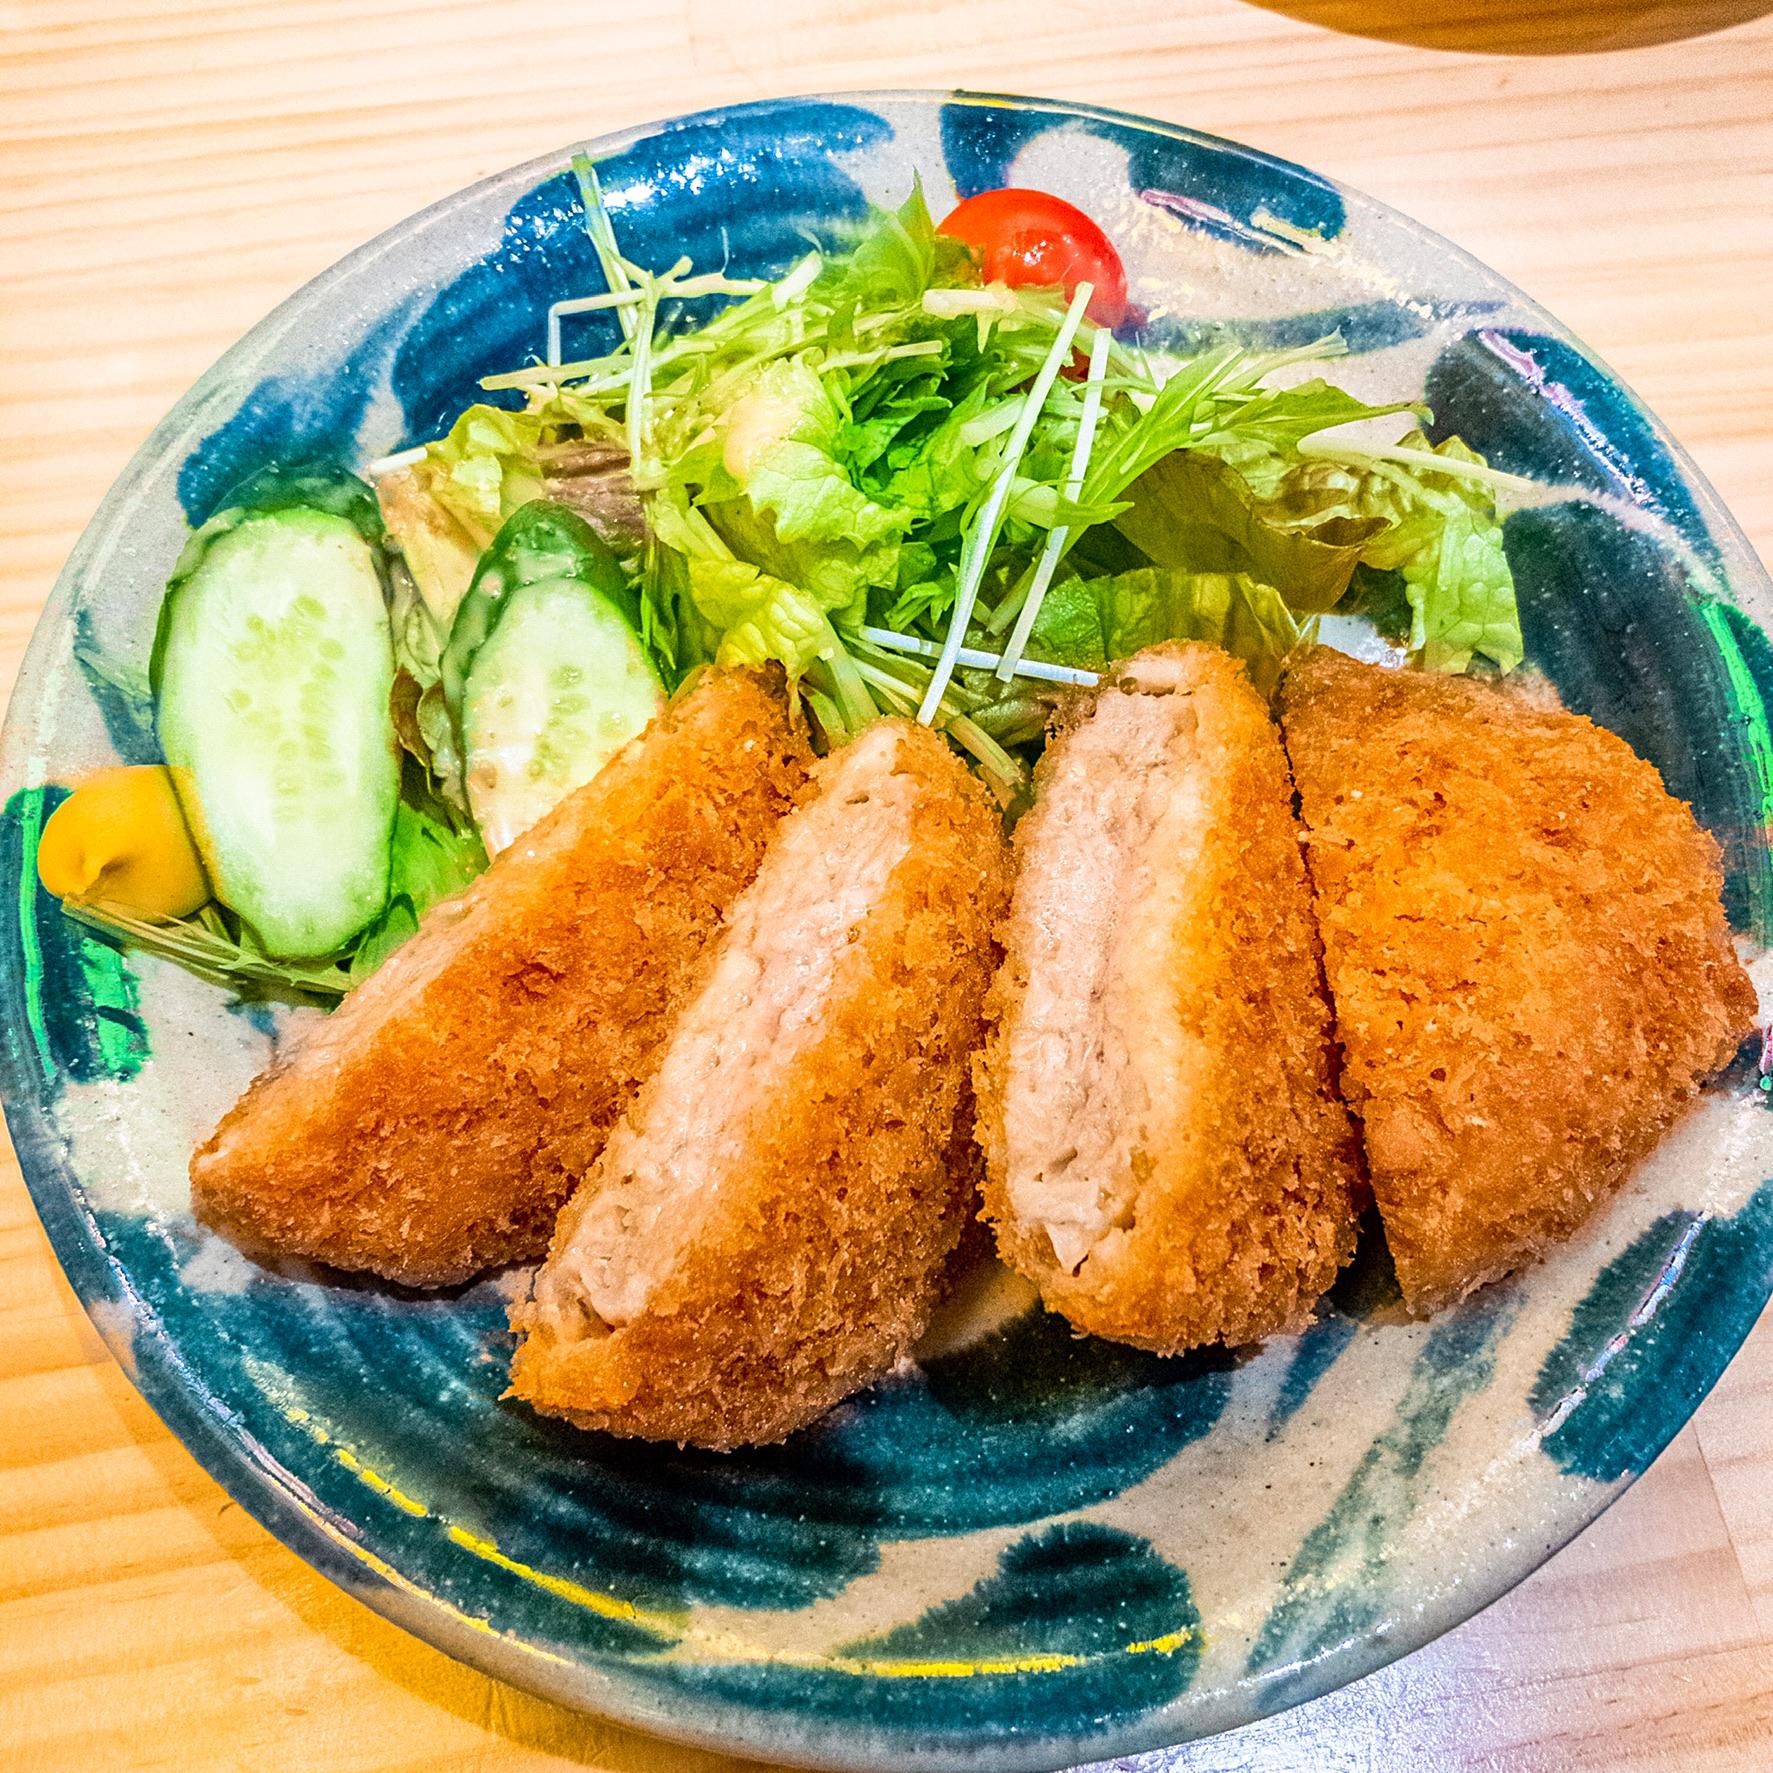 沖縄料理居酒屋「う〜みや」の「あぐーメンチカツ」